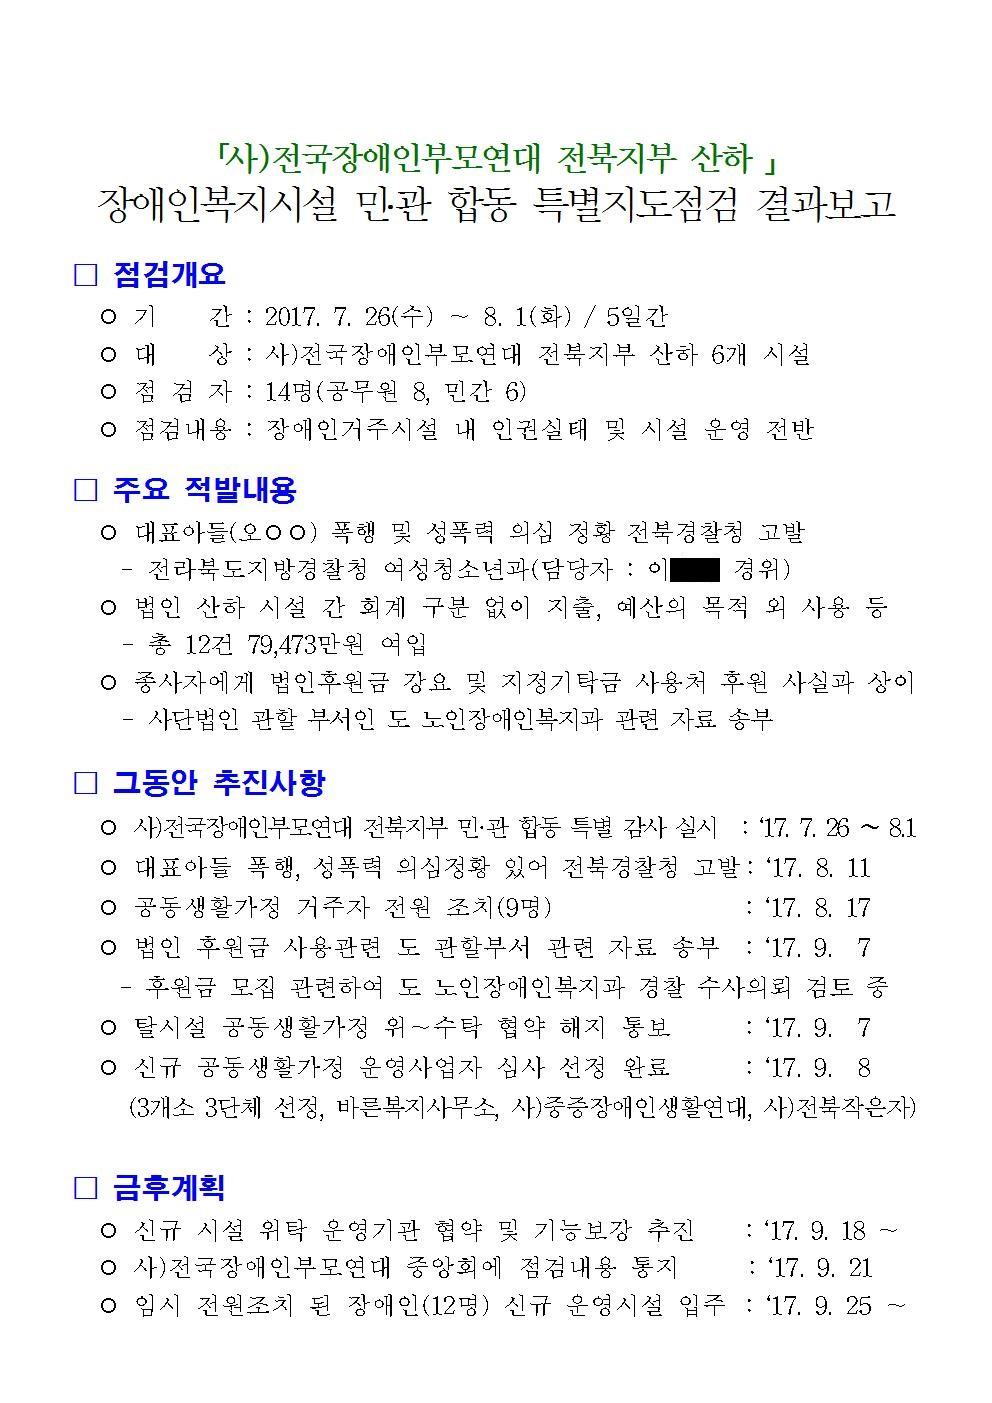 전주시 생활복지과-40370(2017.09.18)_부모연대 전북지부 지도감독결과보고서001.jpg